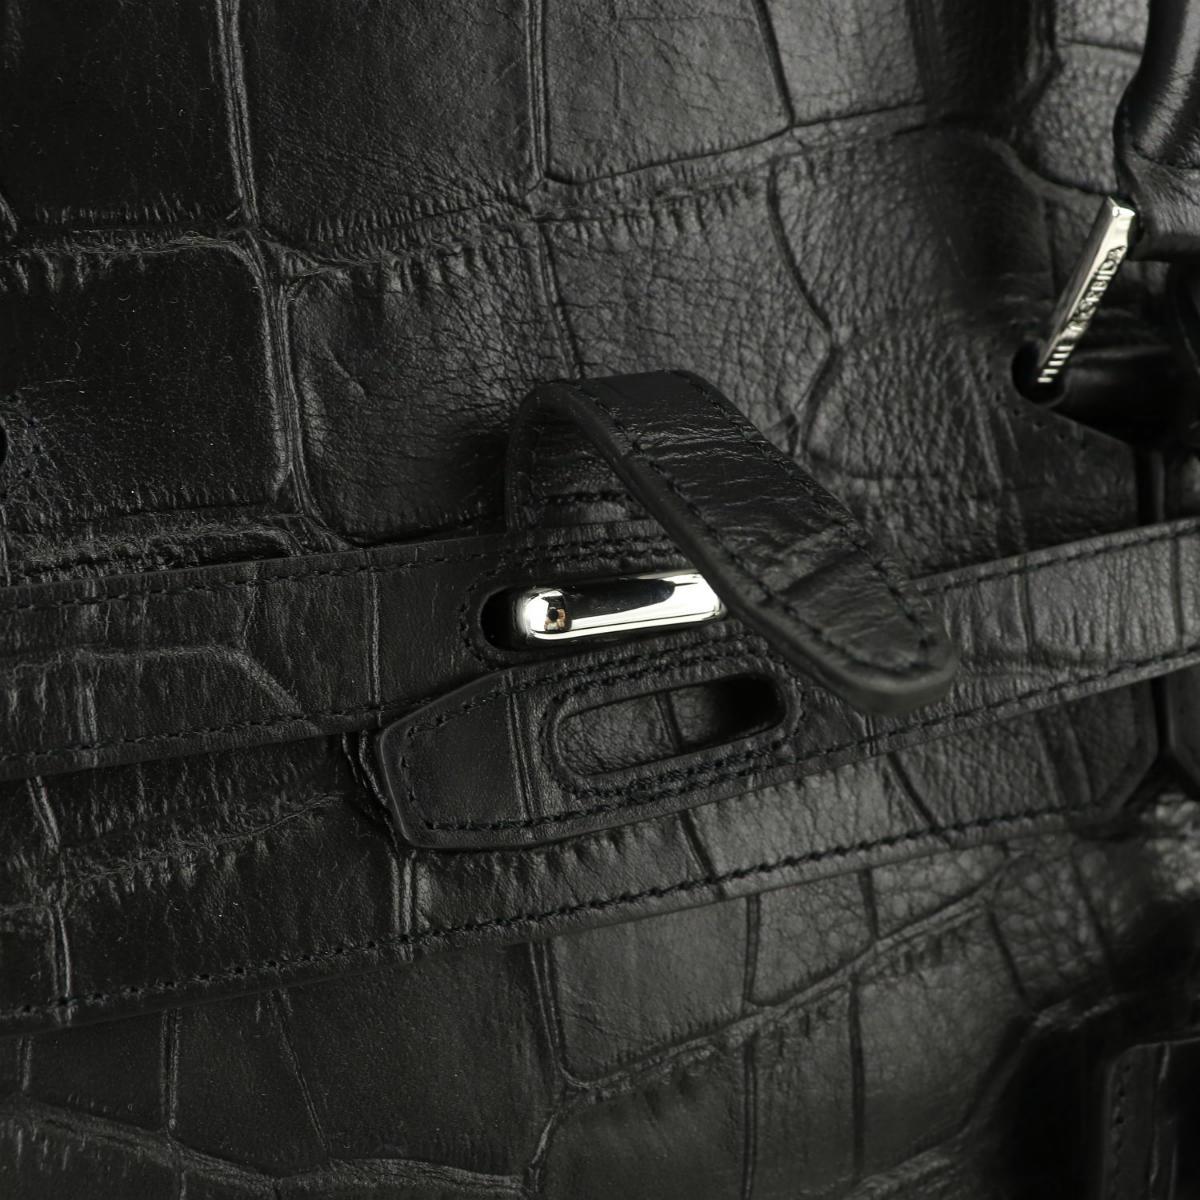 ペッレモルビダ PELLE MORBIDA クロコ型押し シュリンクレザー 被せ付 ボストンバッグ Lサイズ PMO-MB025ELE PMO BLK(ブラック)秋冬新作